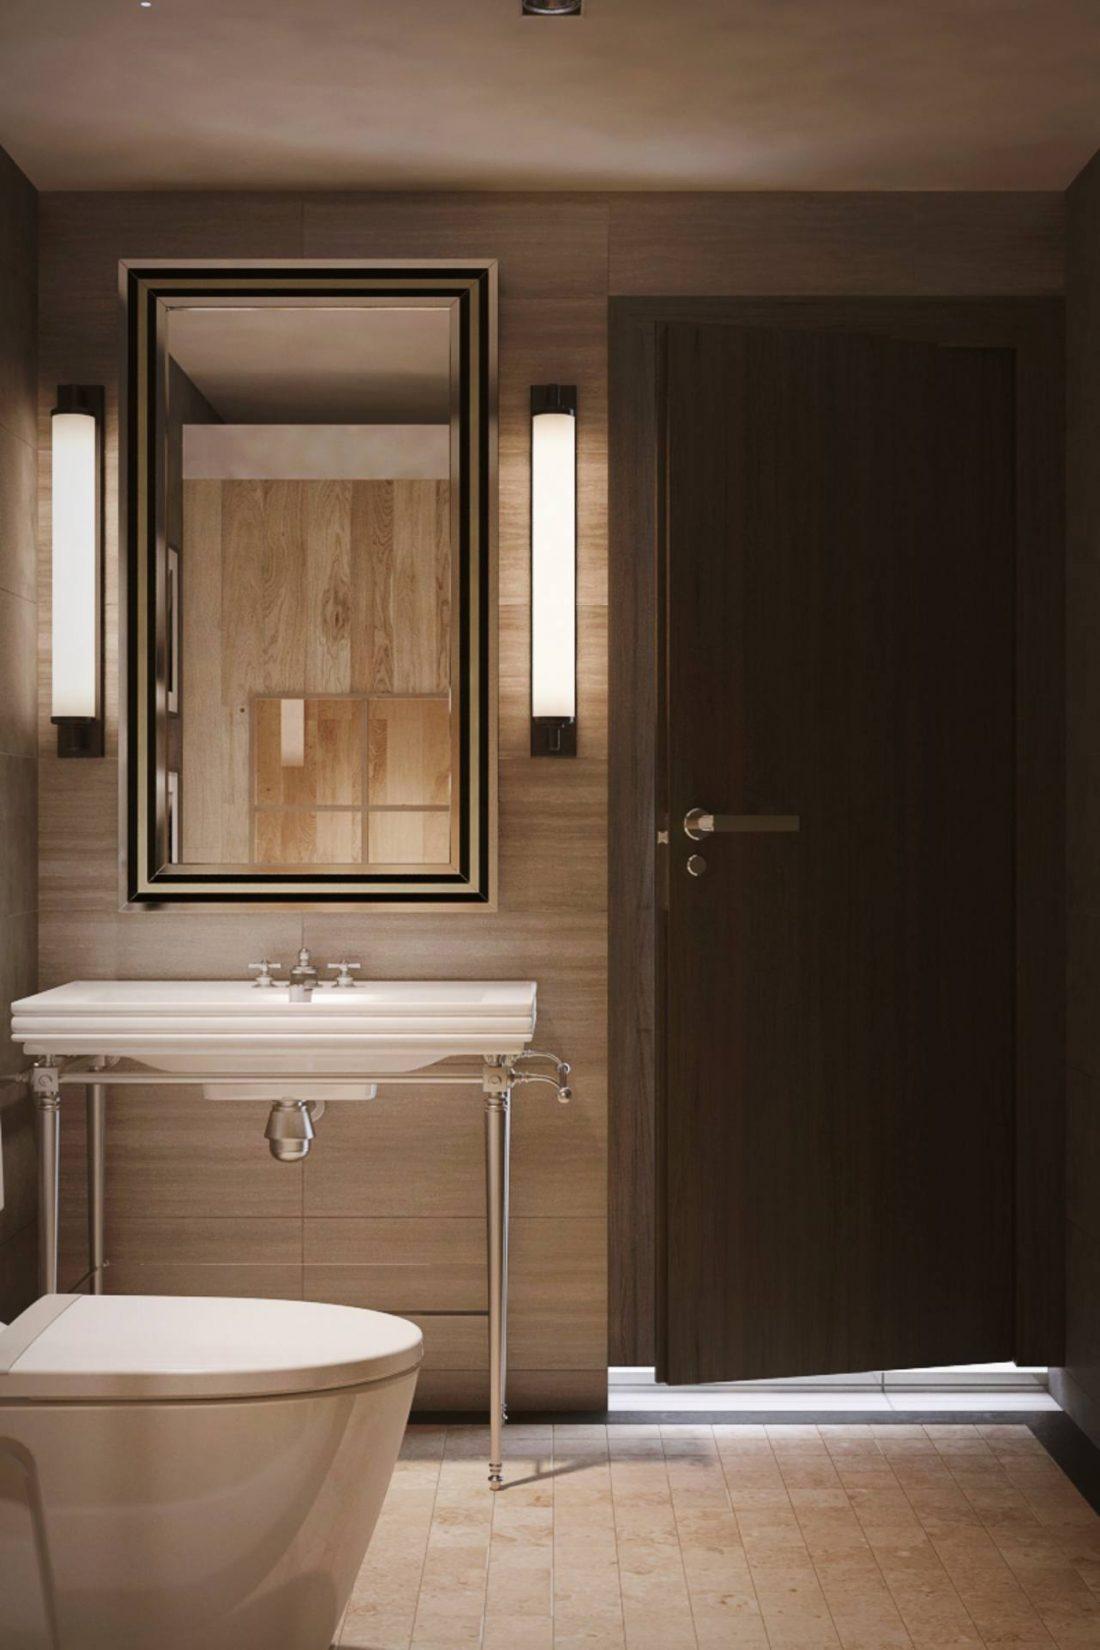 Interior Design Private Bungalow Alor Setar Kedah Malaysia Bathroom Design 1 v2